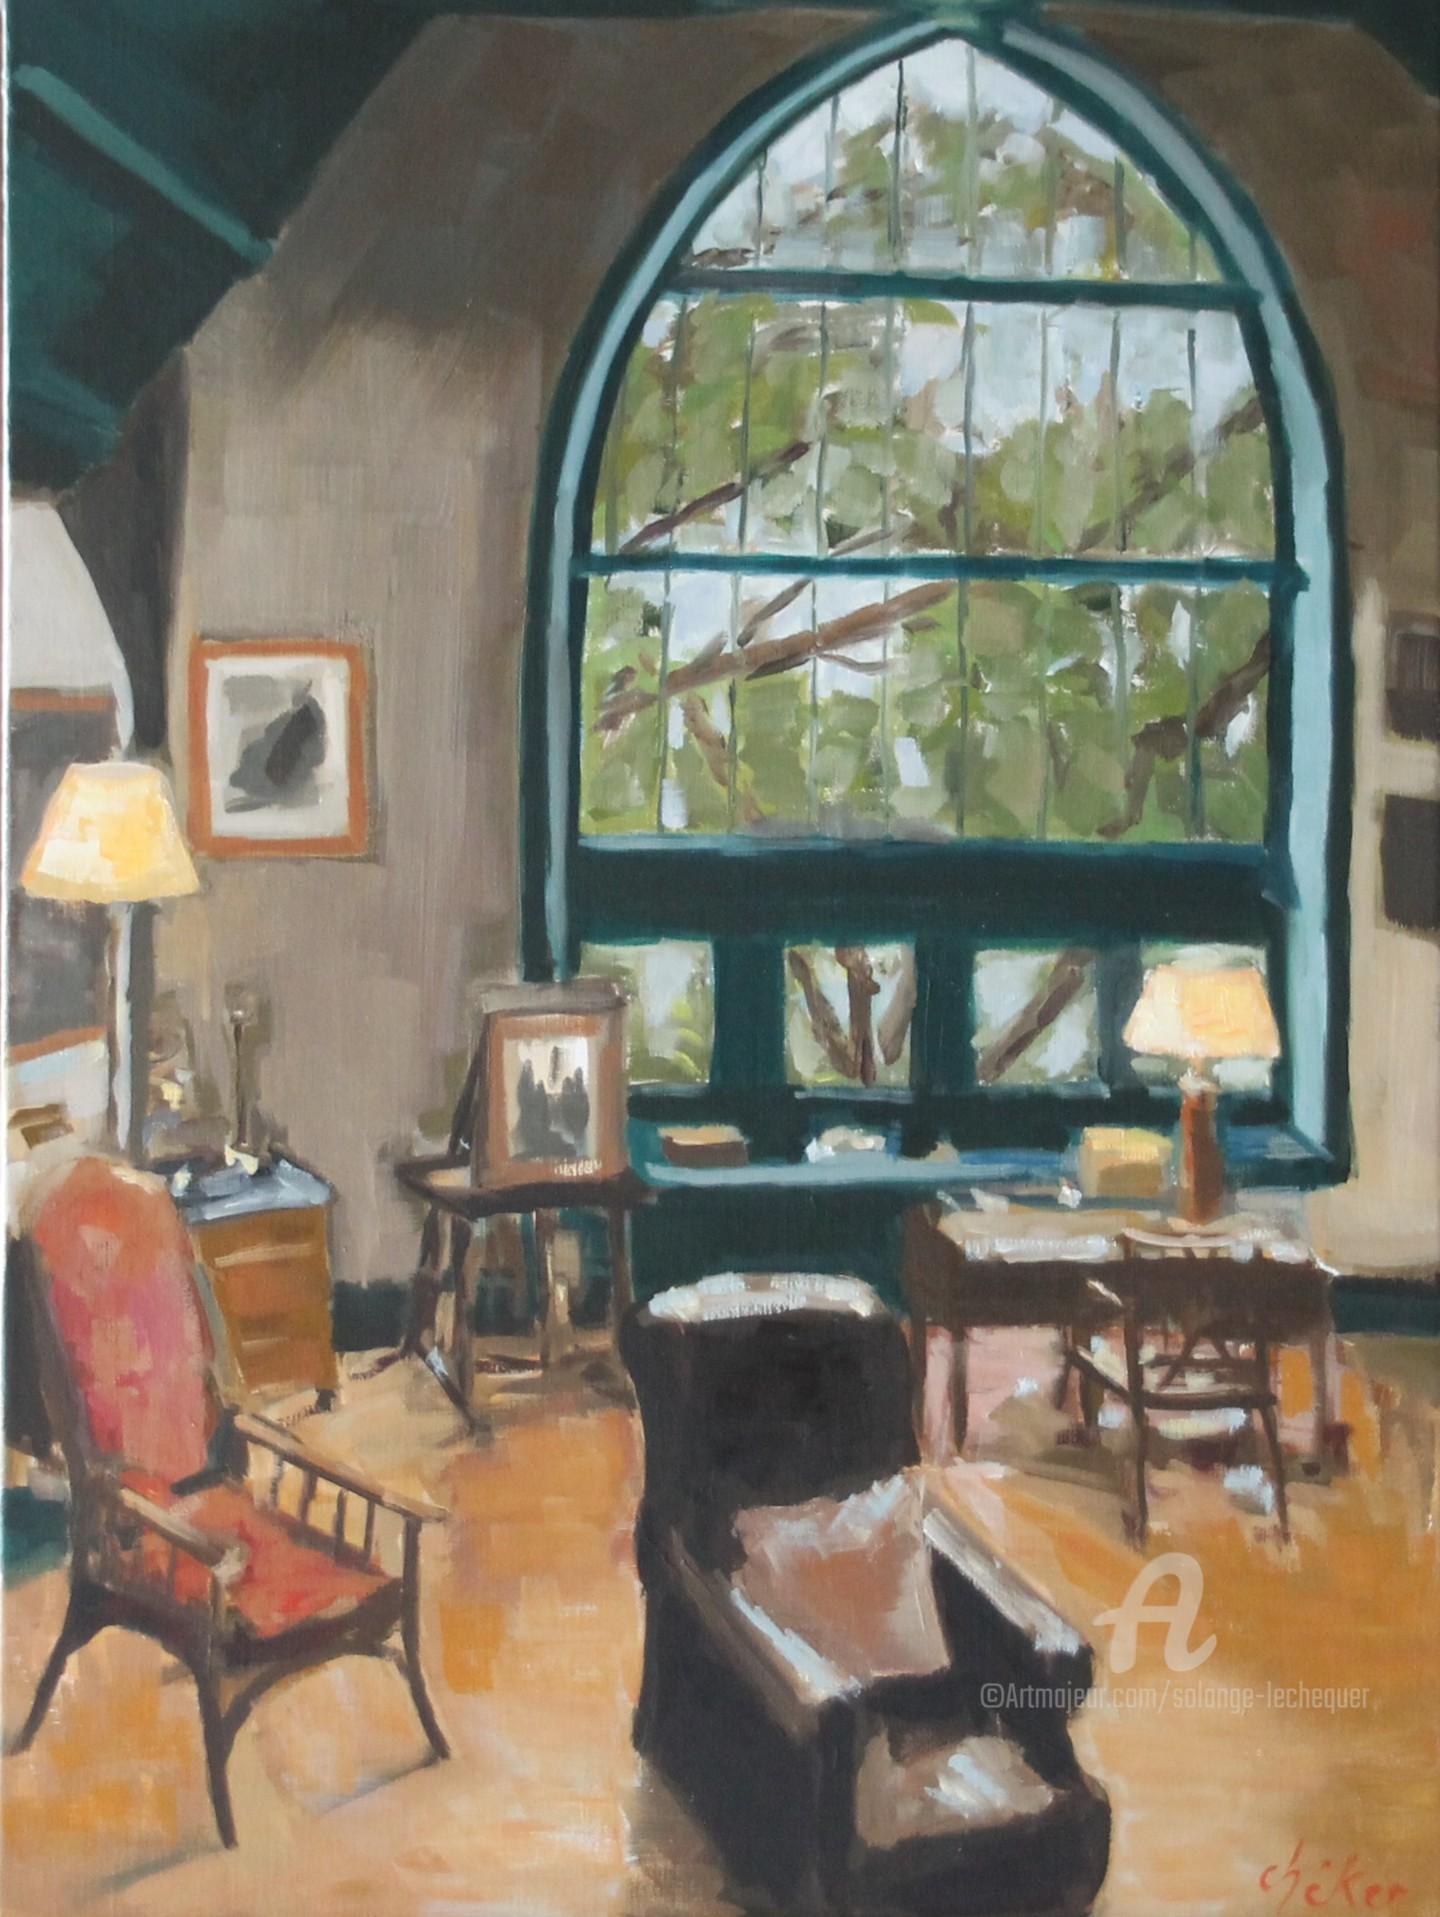 Chéker - Villa Rochefontaine à Ploumanac'h l'Atelier du peintre.